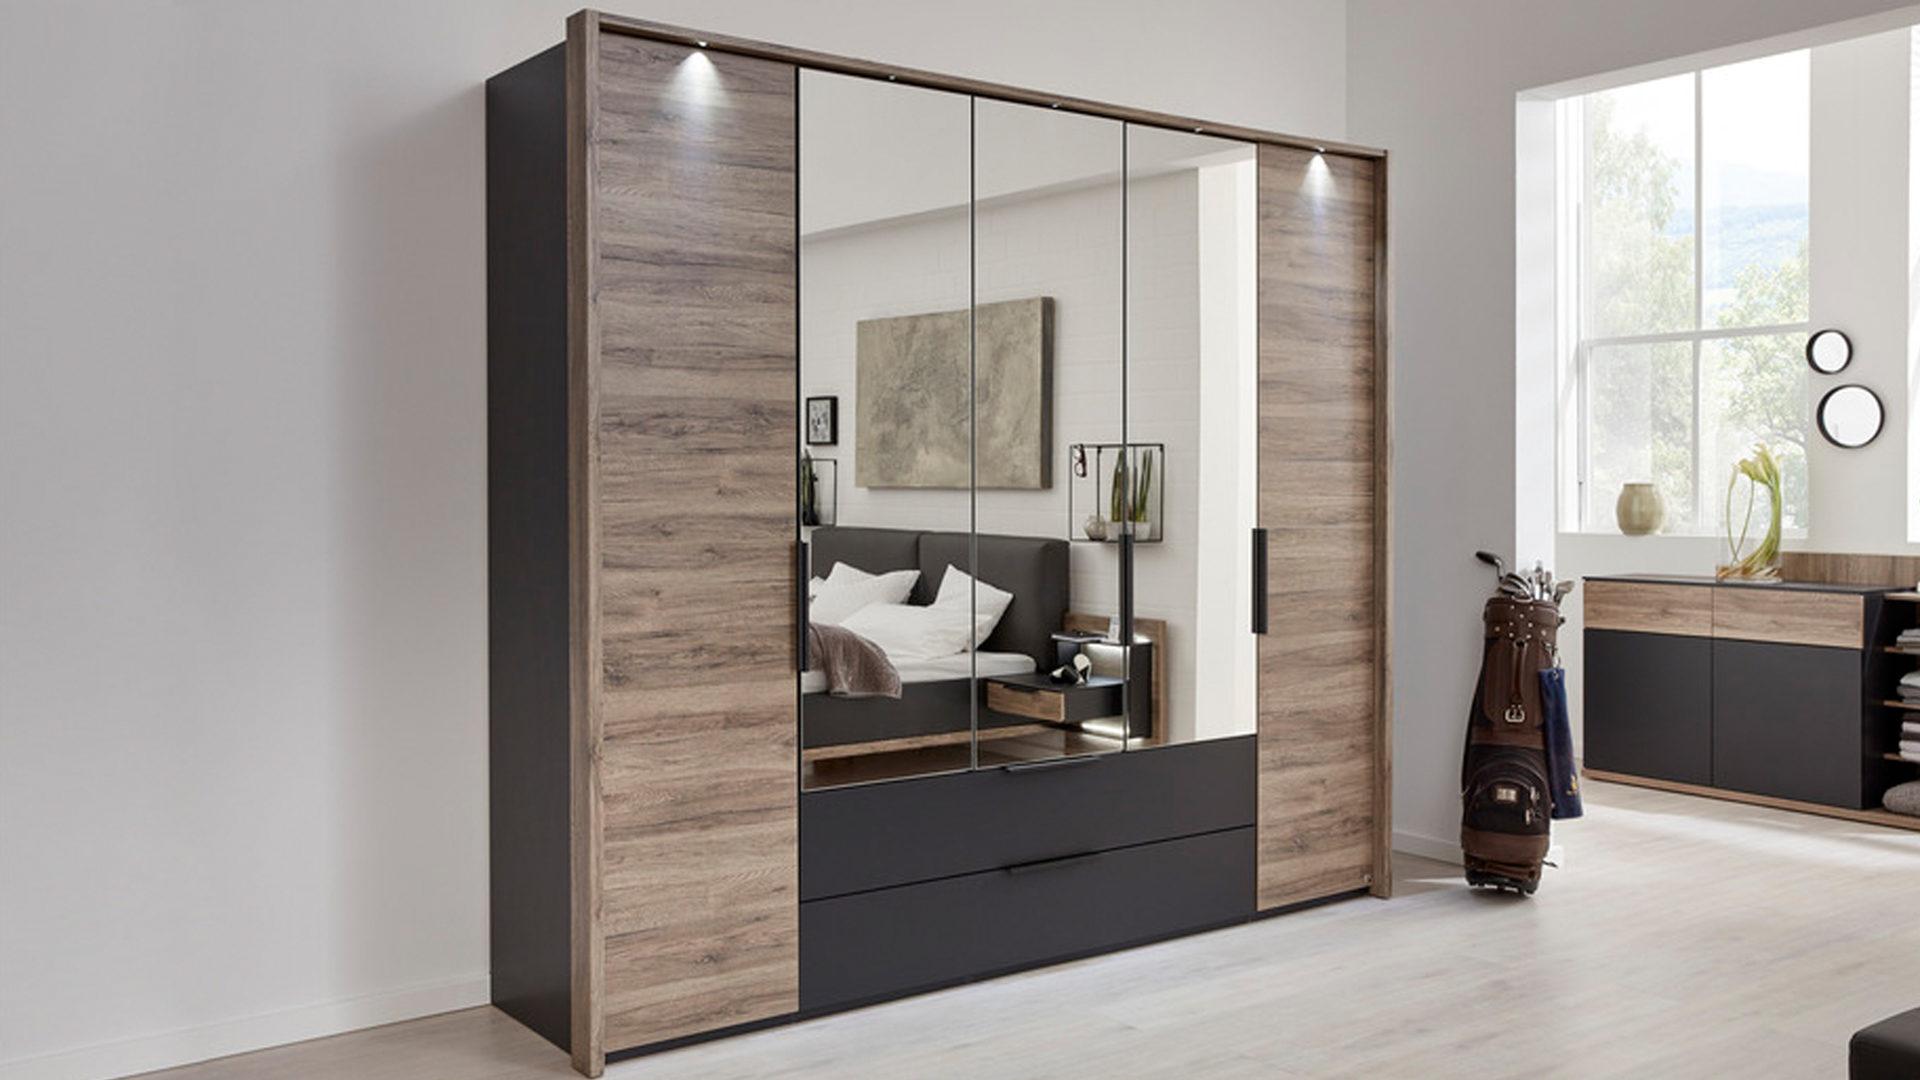 Interliving Schlafzimmer Serie 1007 – Kleiderschrank, dunkle Sanremo,